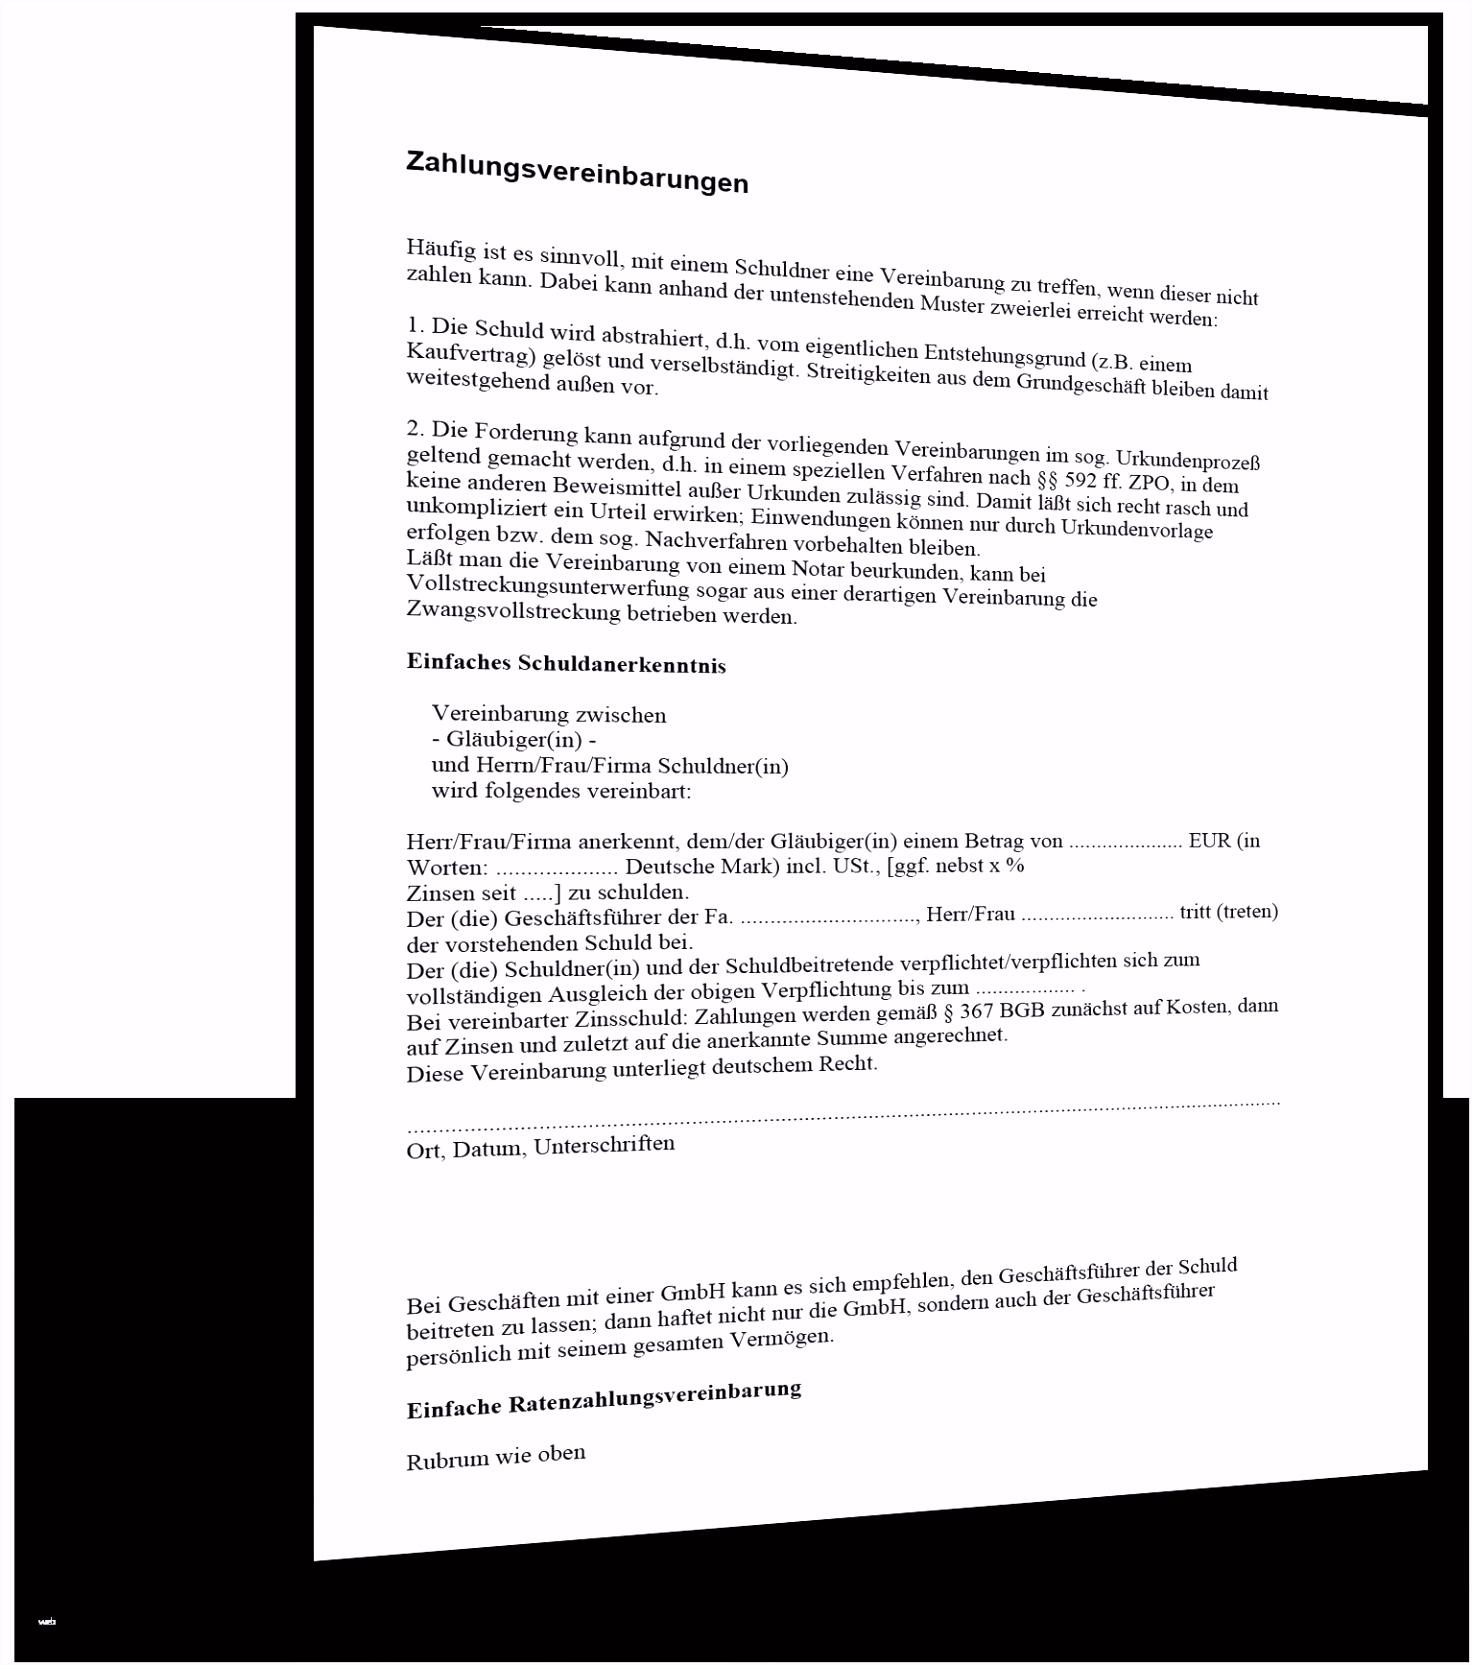 26 Einzigartig Vereinbarung Arbeitszeitkonto Konzept